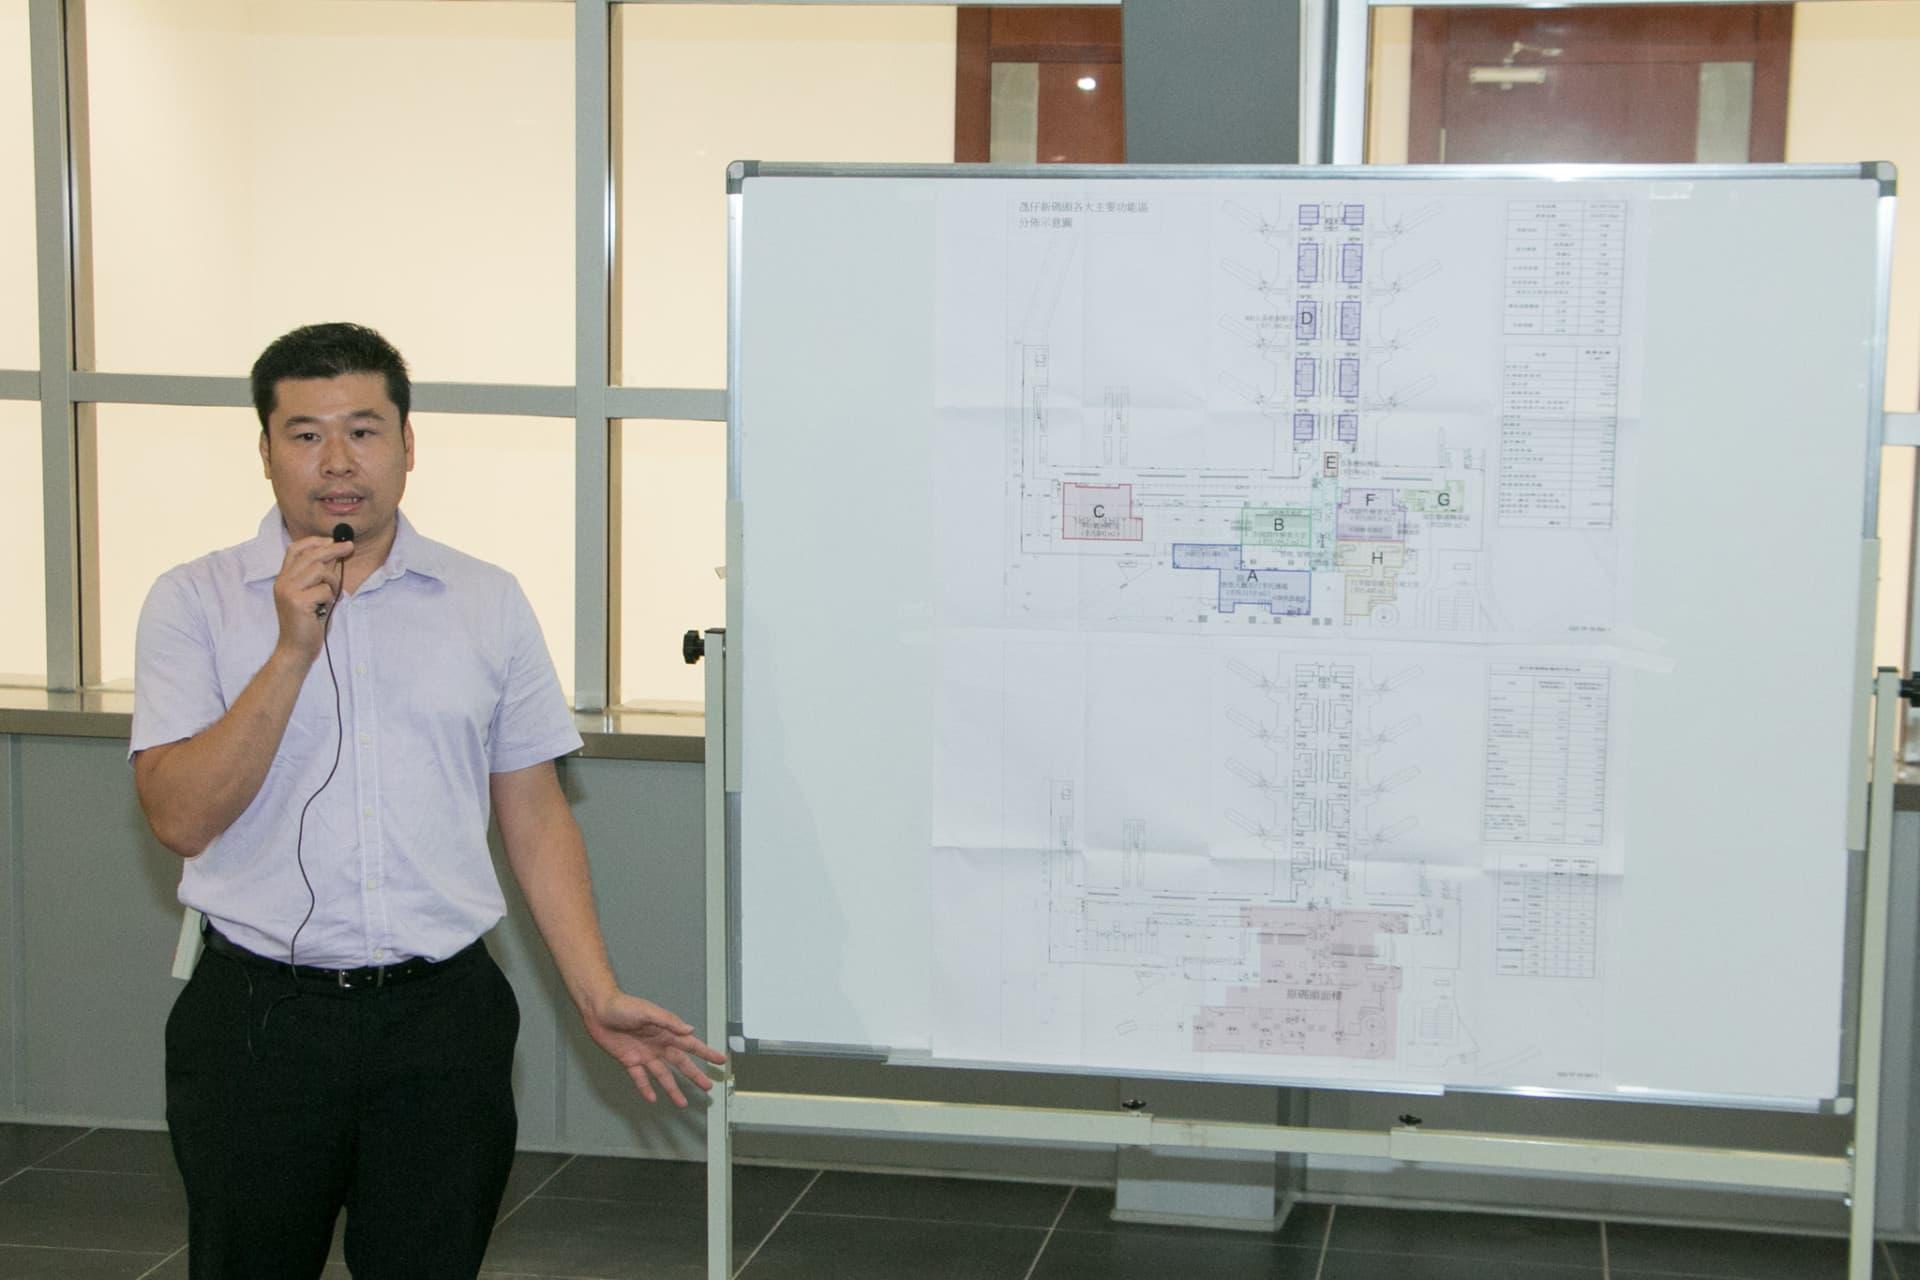 建設辦代主任許震邦向傳媒介紹氹仔客運碼頭的情況